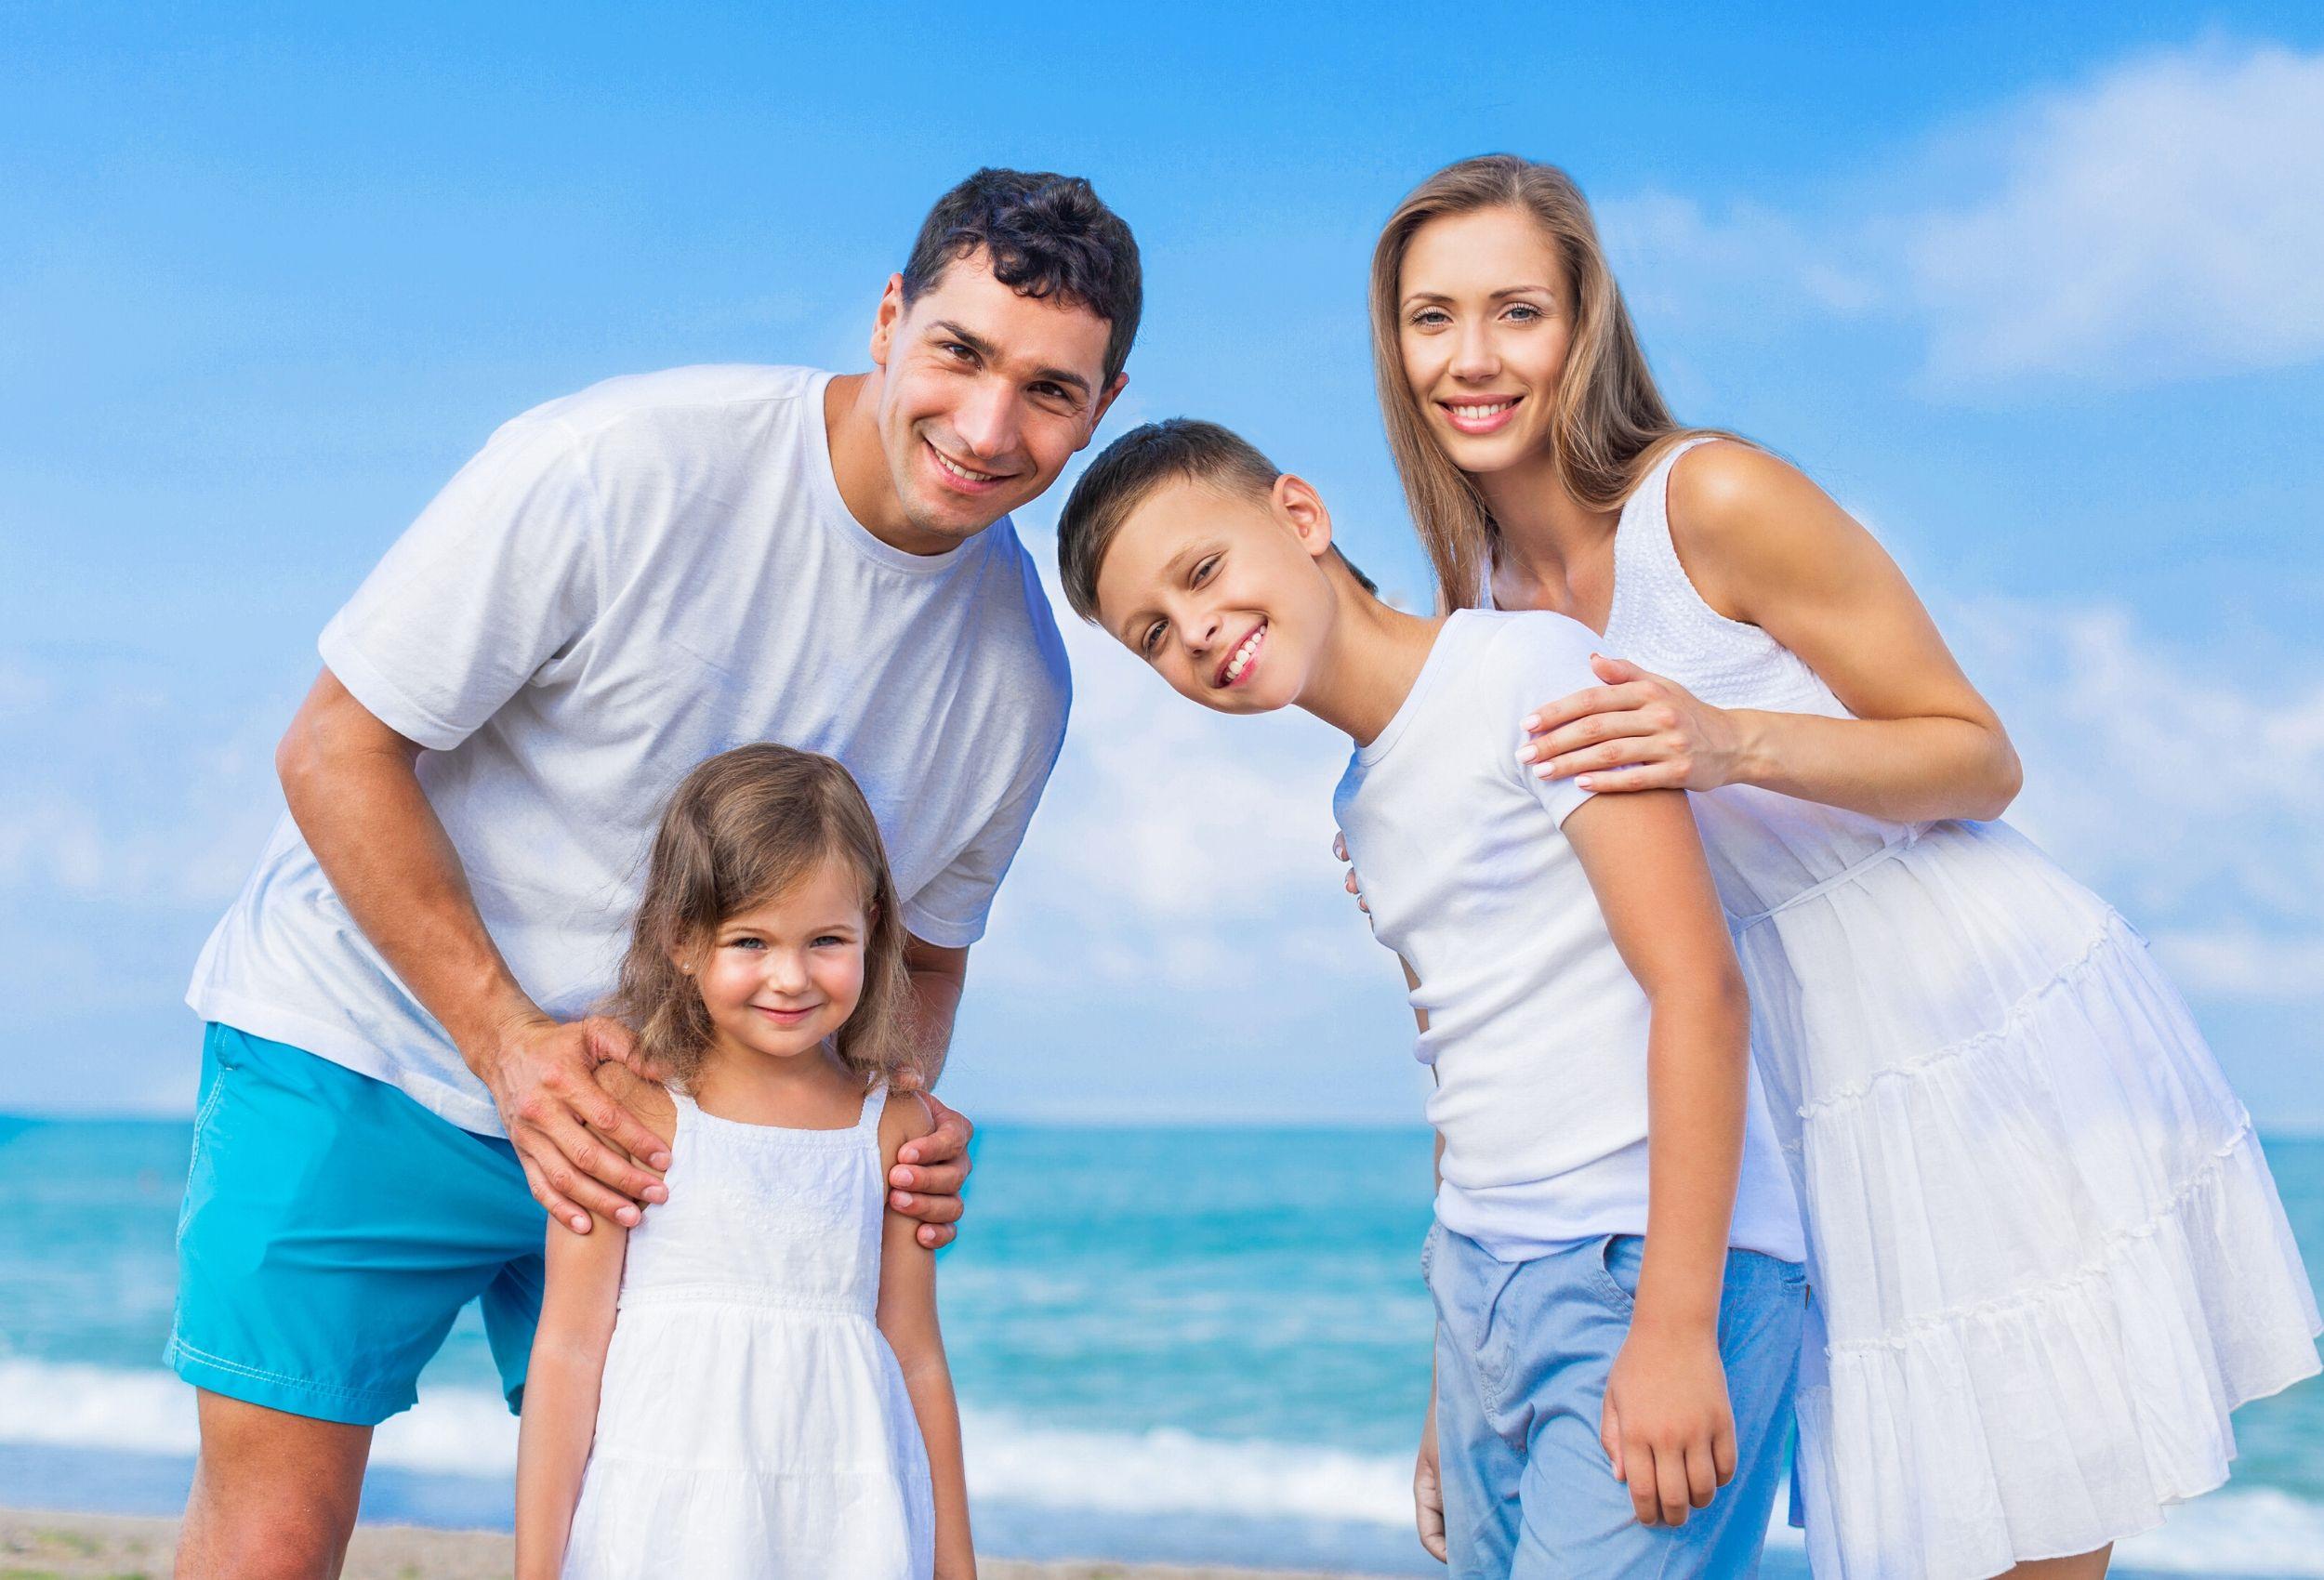 Jak zachować bezpieczeństwo podczas wakacji